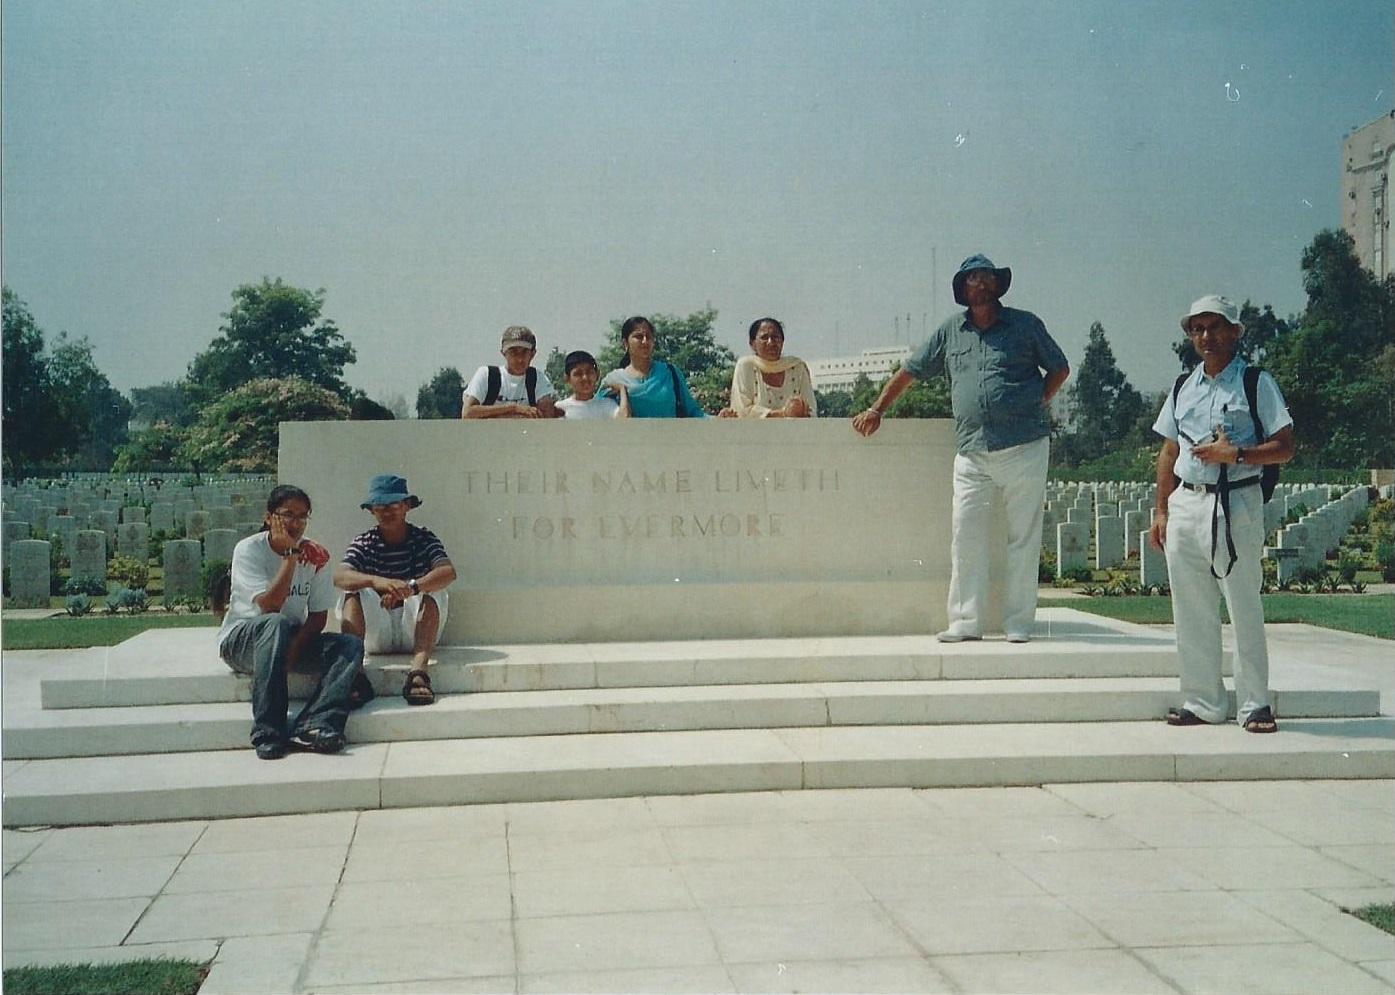 Port Tewfik Memorial in Heliopolis, Egypt